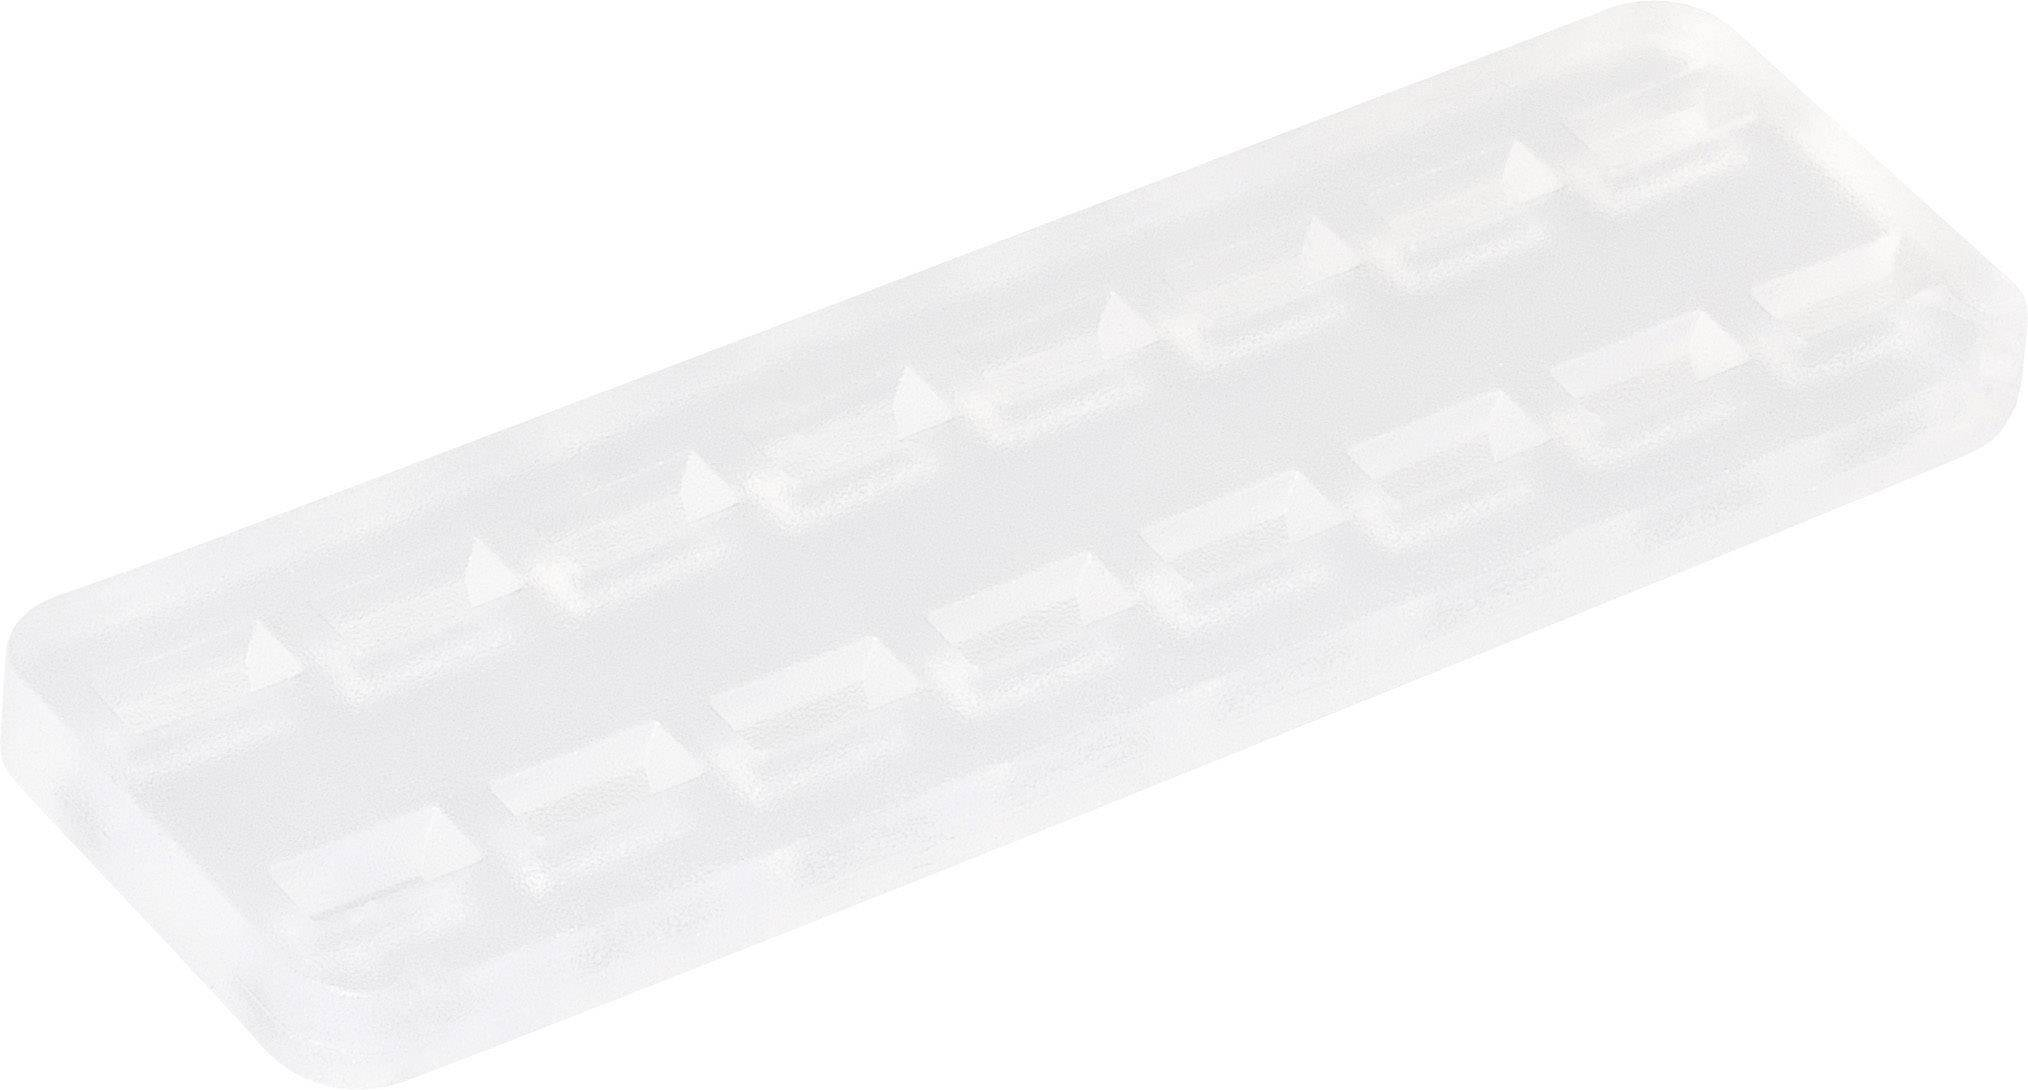 Těsnění pro J-P-T pouzdro TE Connectivity J-P-T (963225-1), přírodní